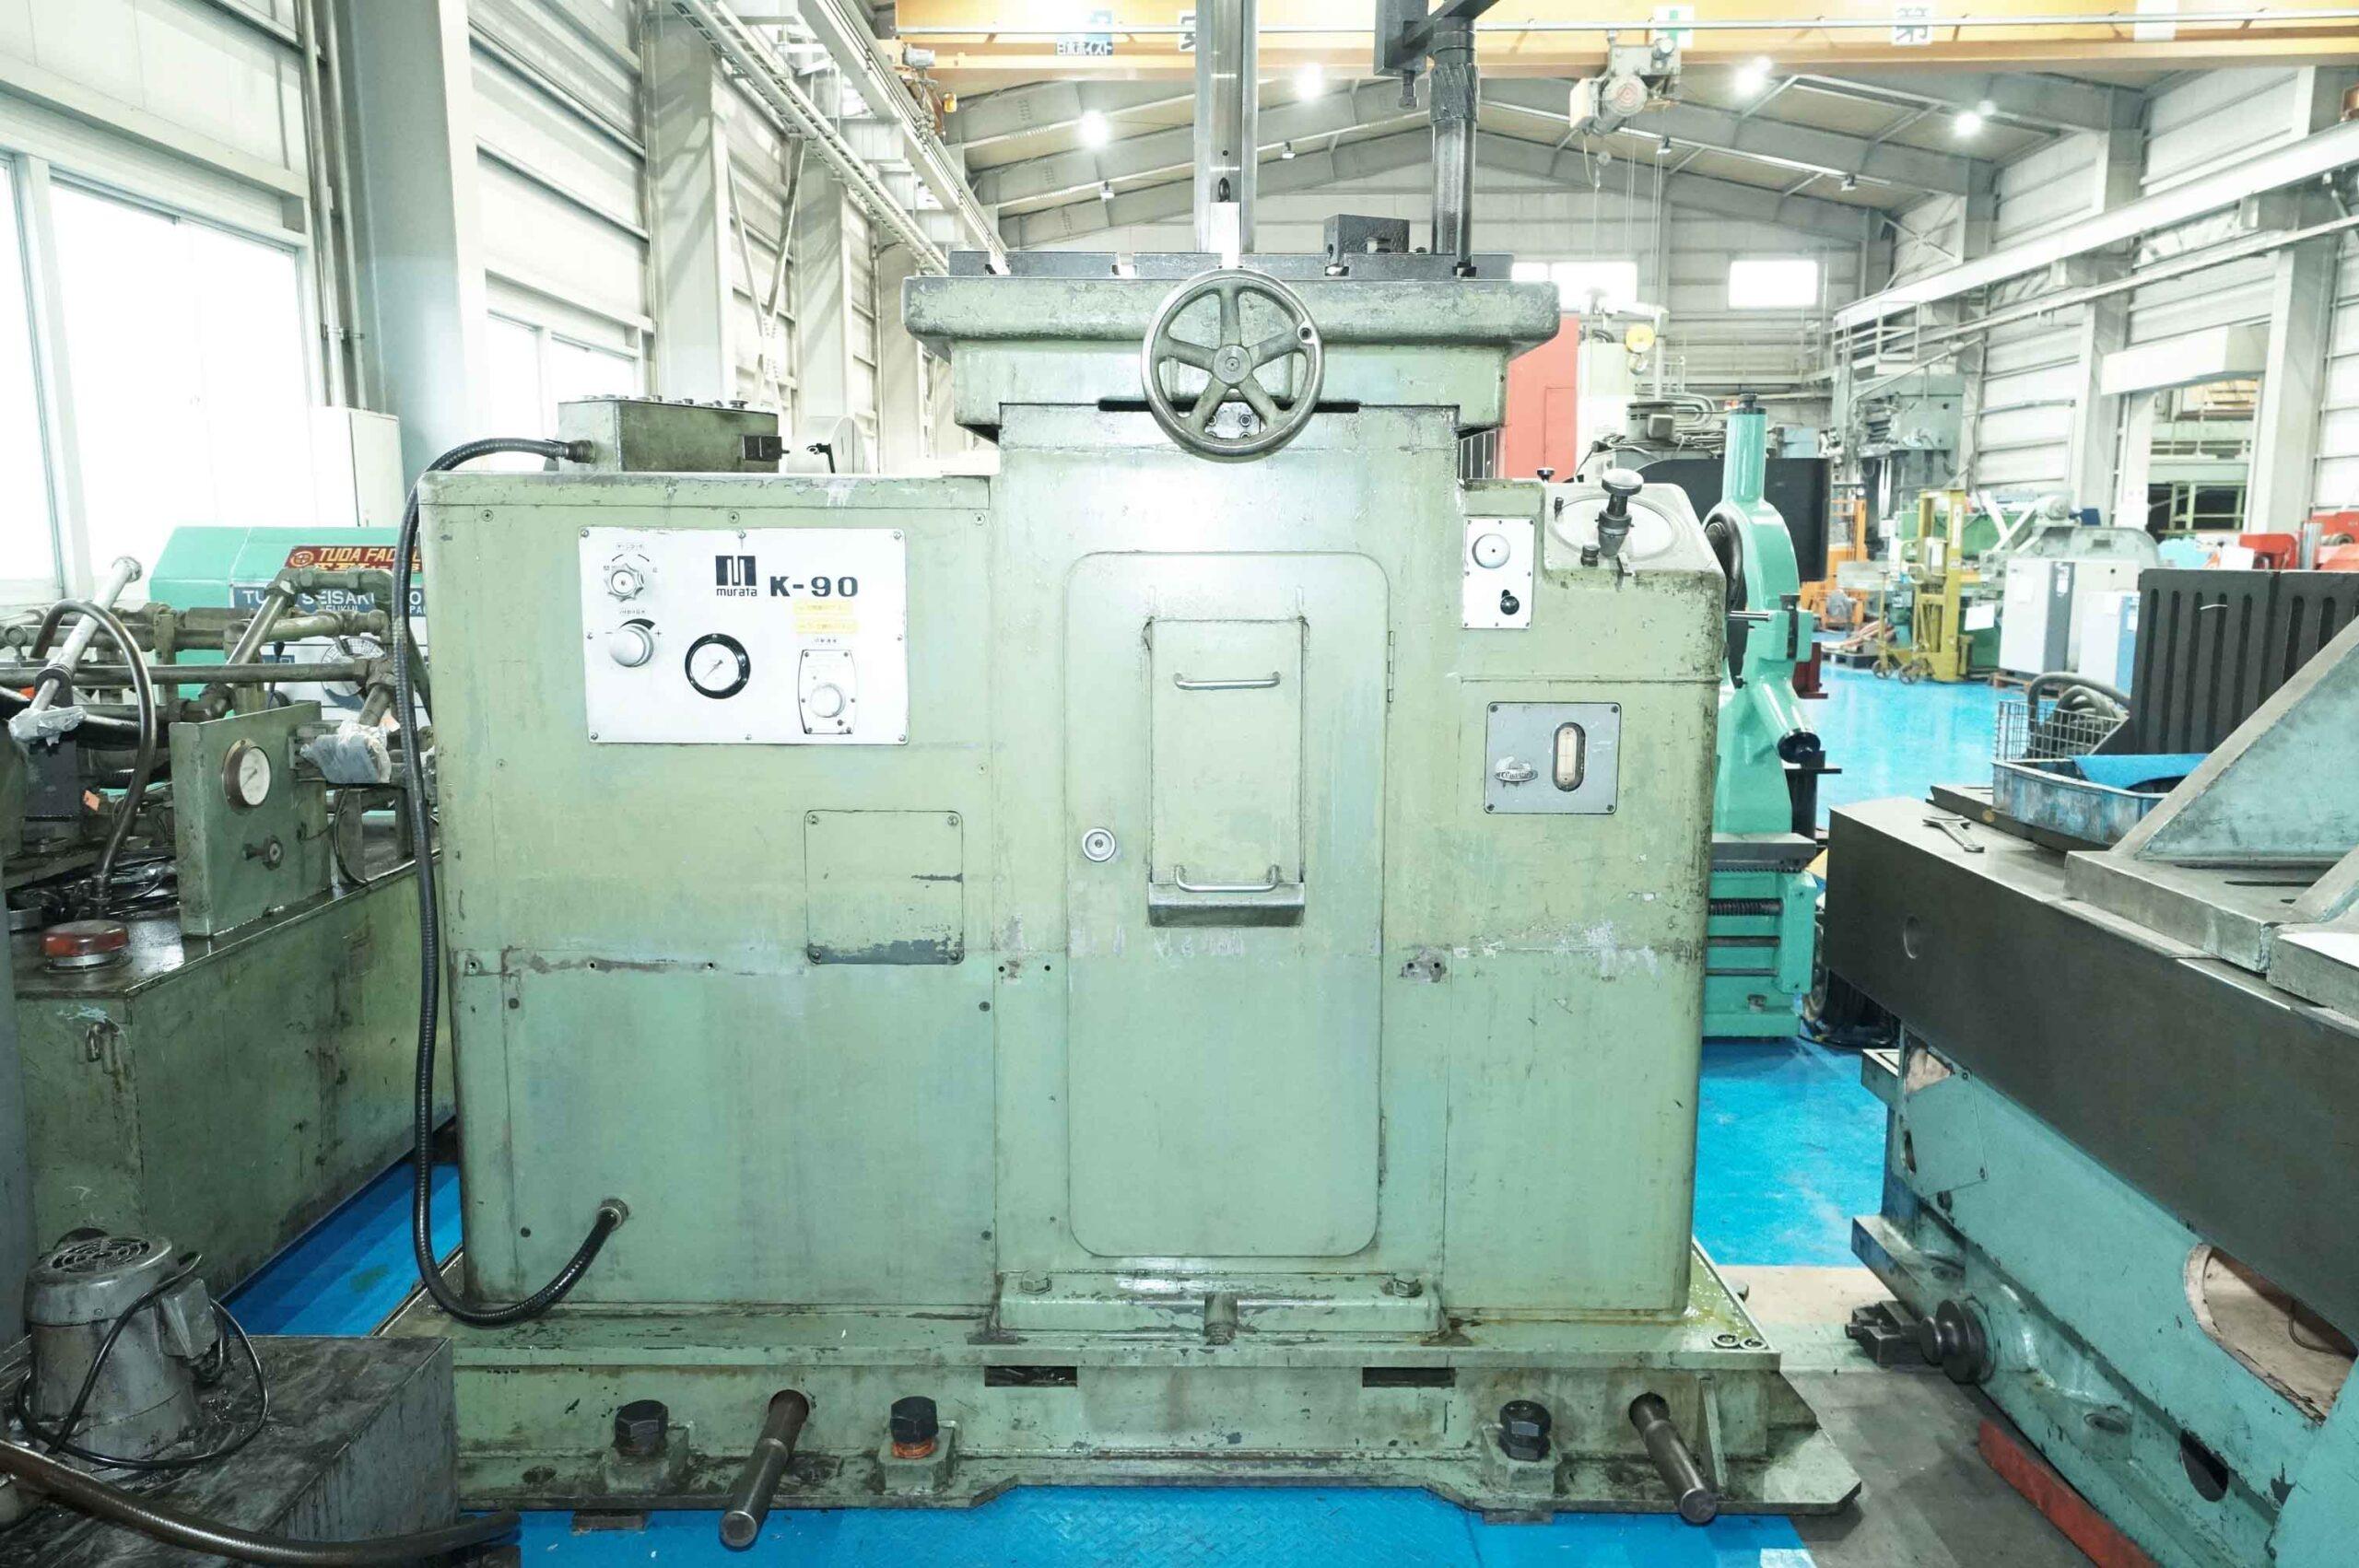 キーシーター 村田機械 K-90の画像